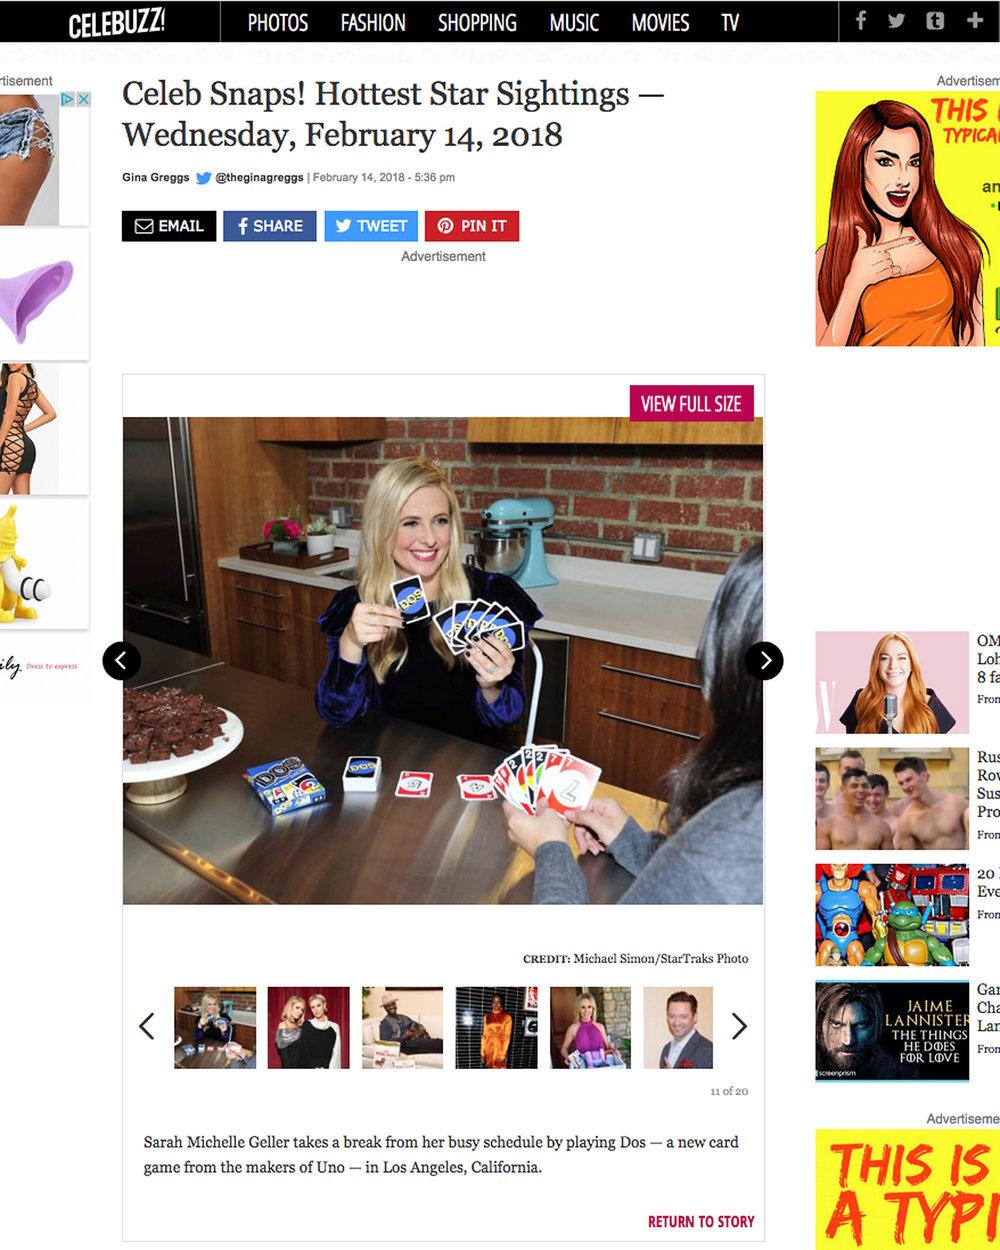 Sarah Michelle Geller X Dos By Uno Celebuzz .jpeg